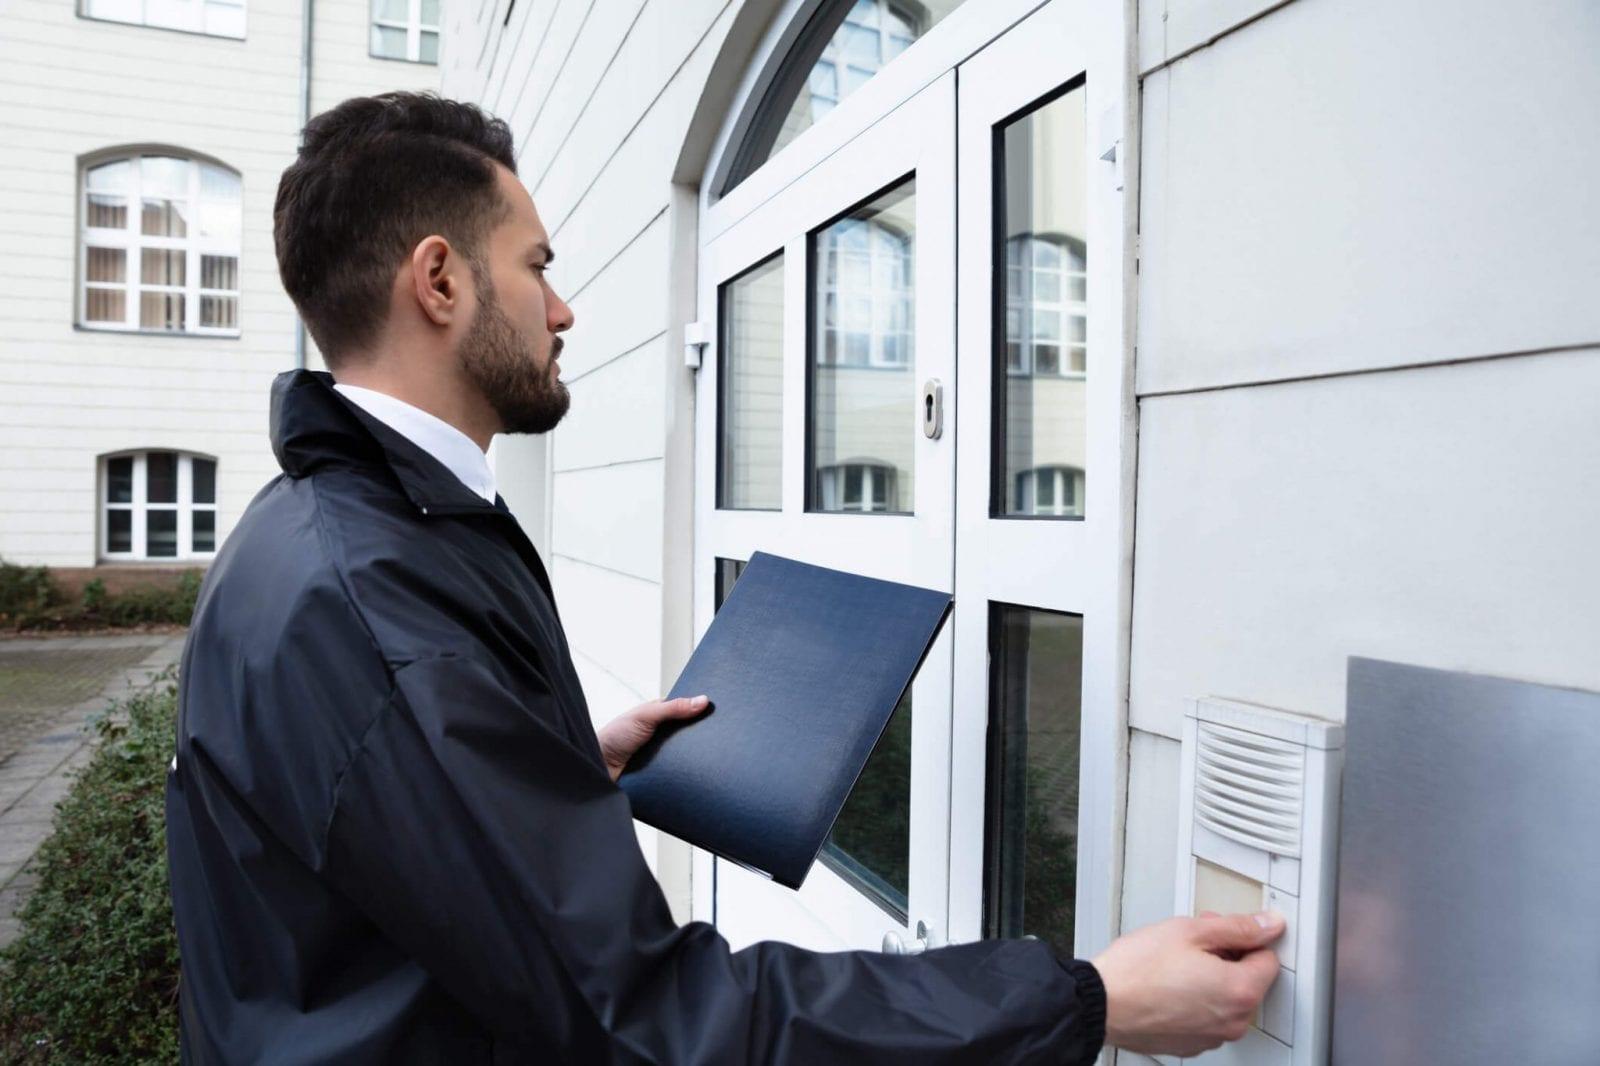 Síndico Profissional visitando condomínio